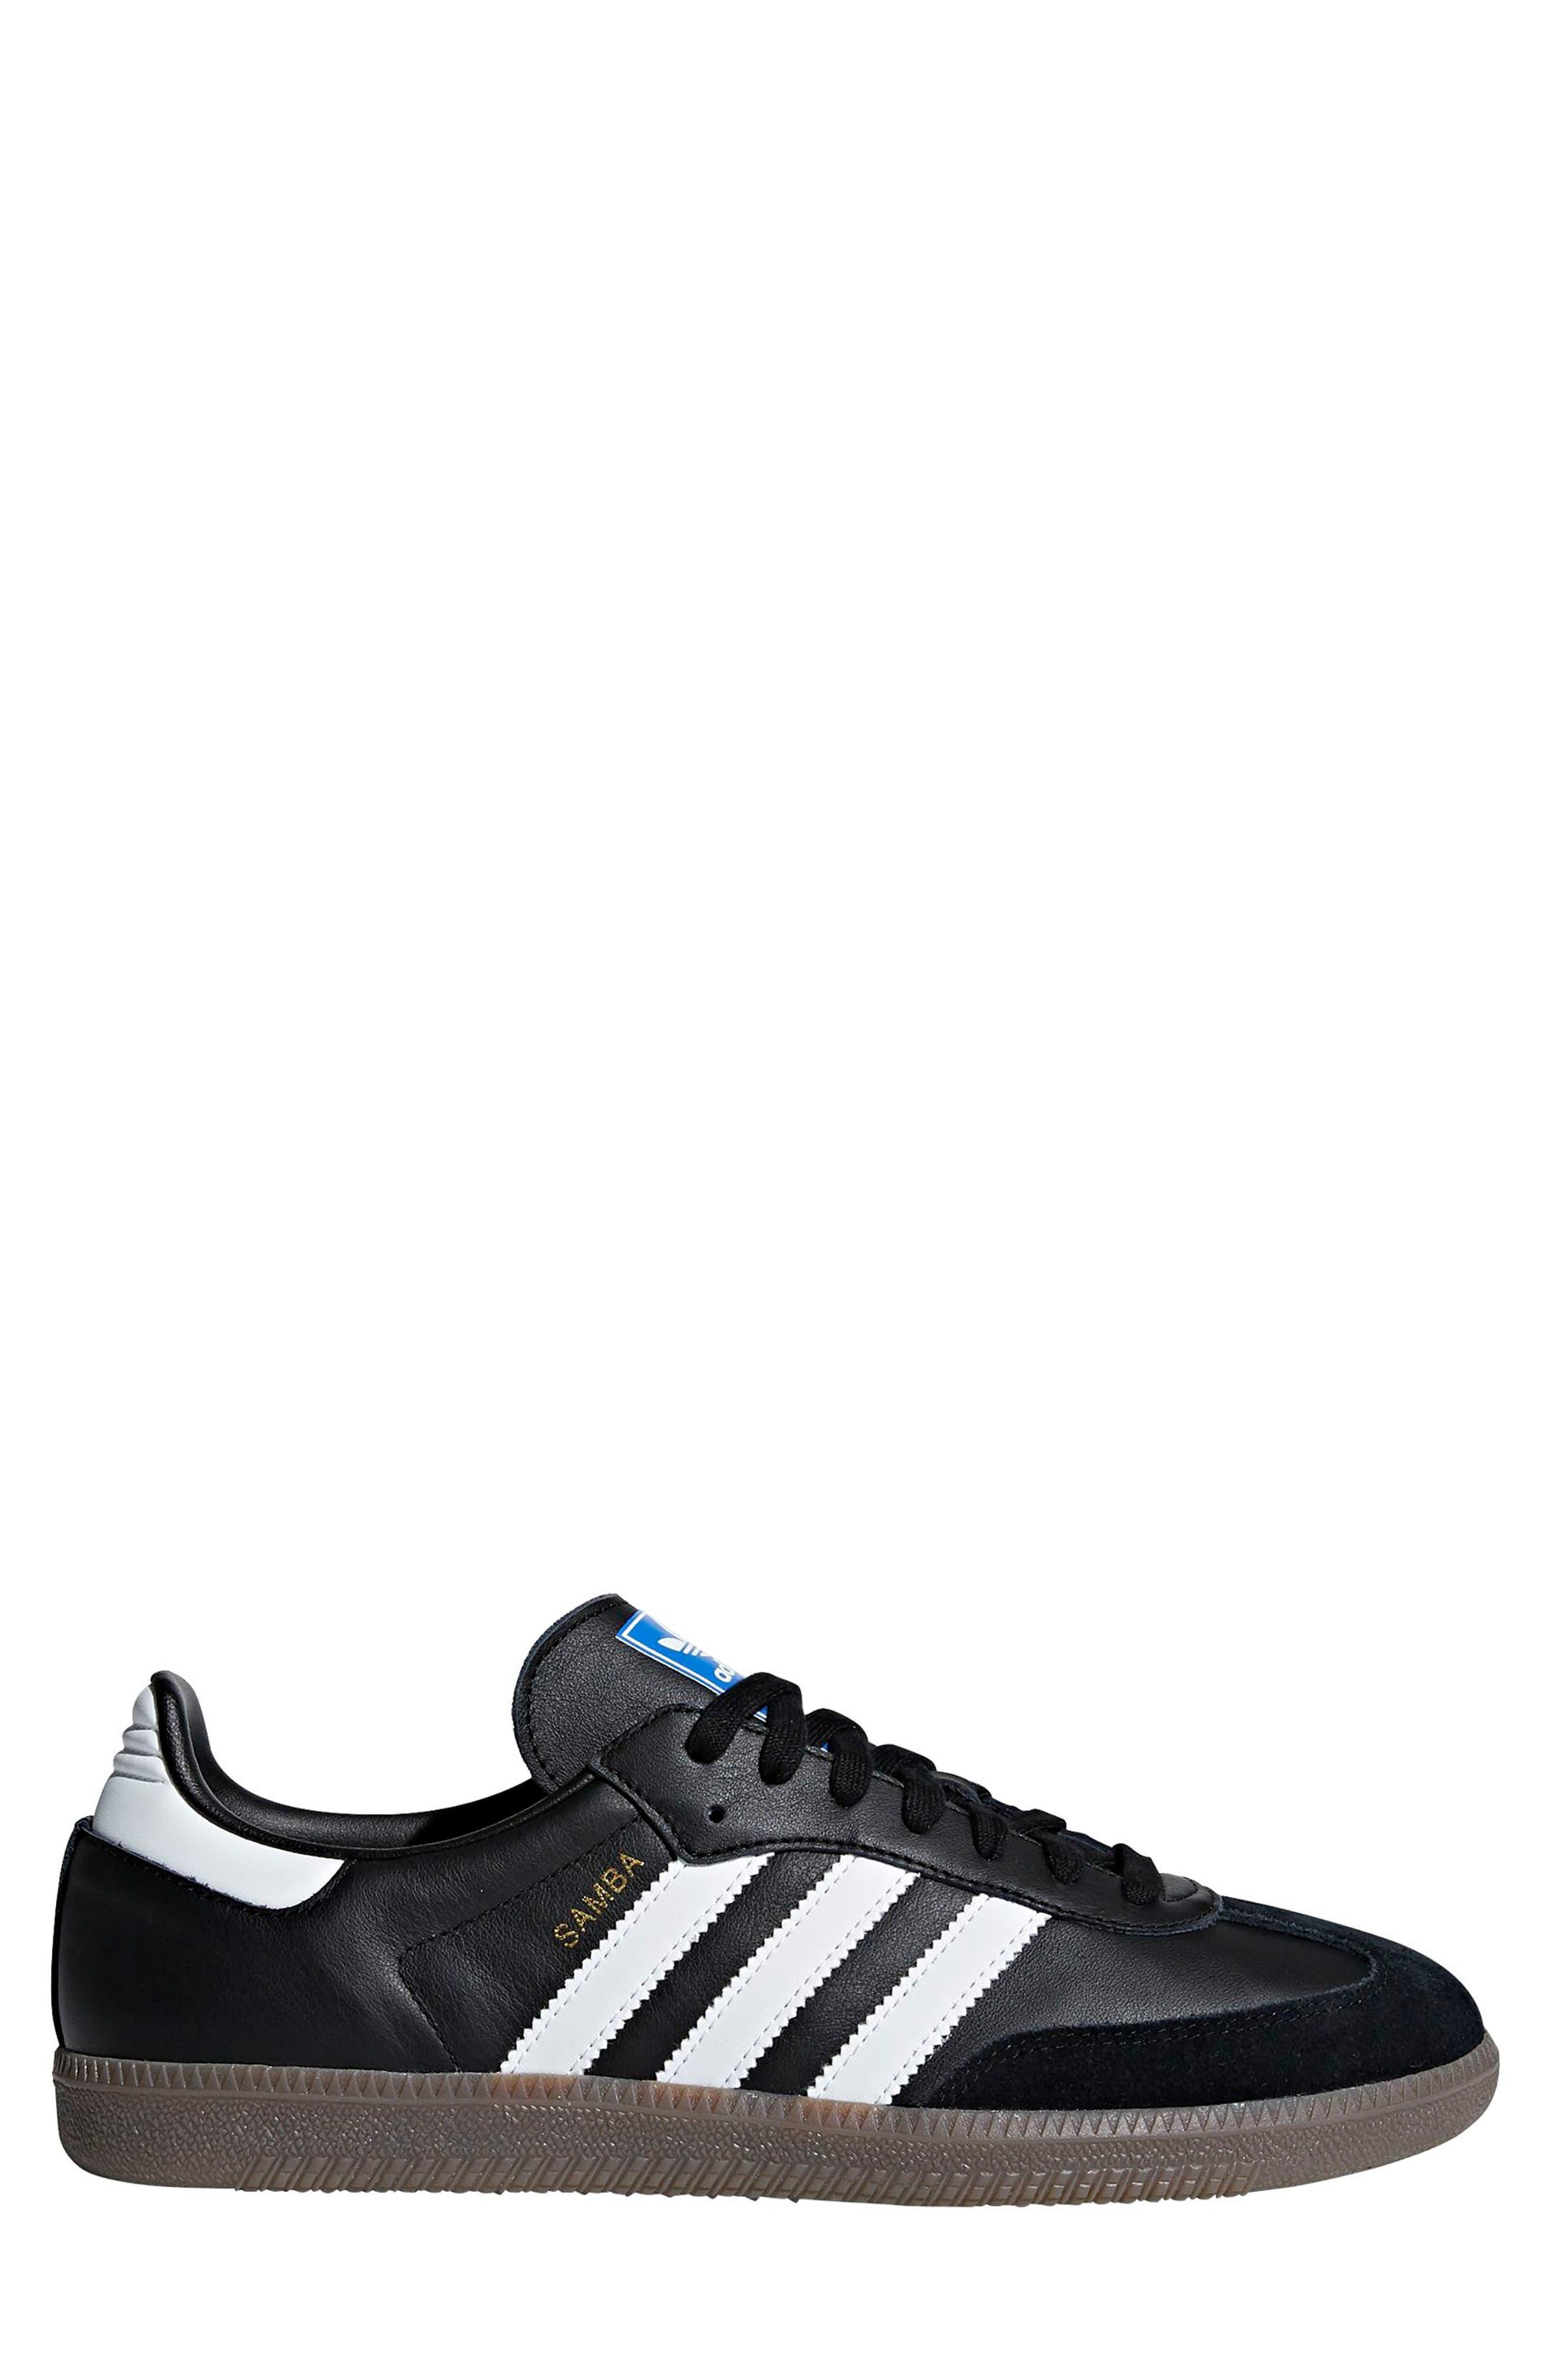 Samba OG Sneaker,                         Main,                         color, BLACK/ WHITE/ GUM